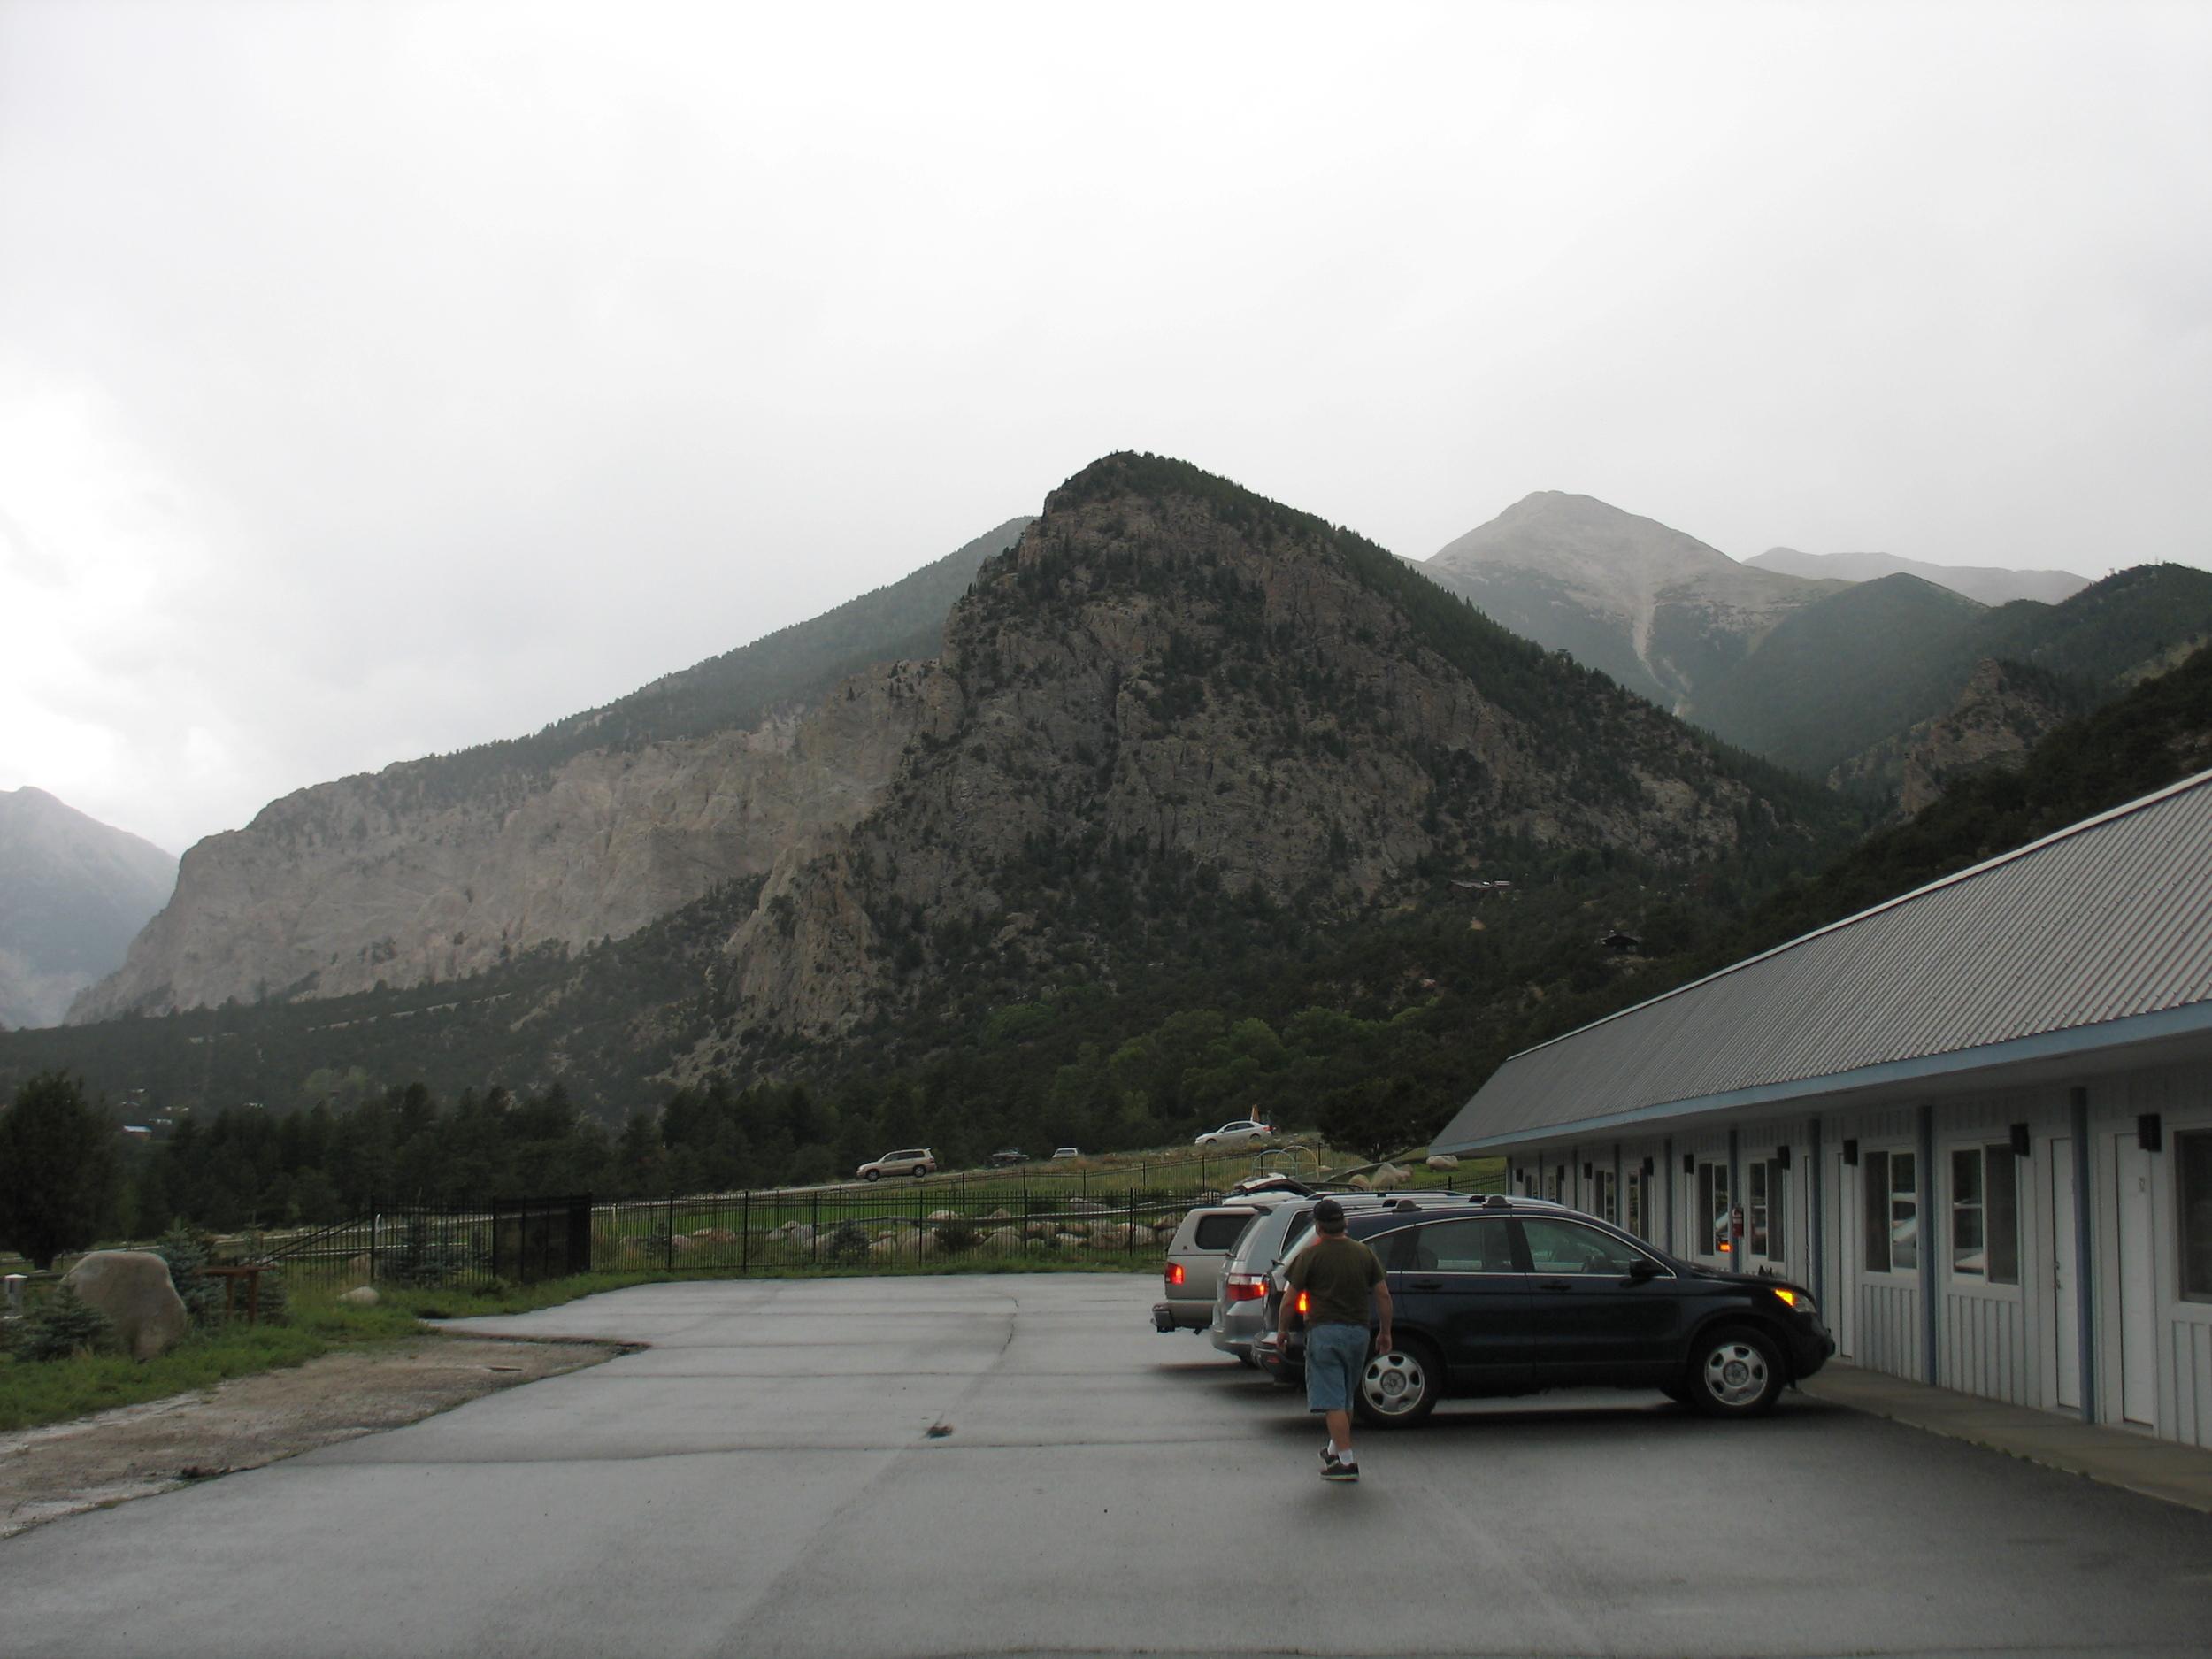 Mt. Princeton Hot Springs - Hillside Lodge